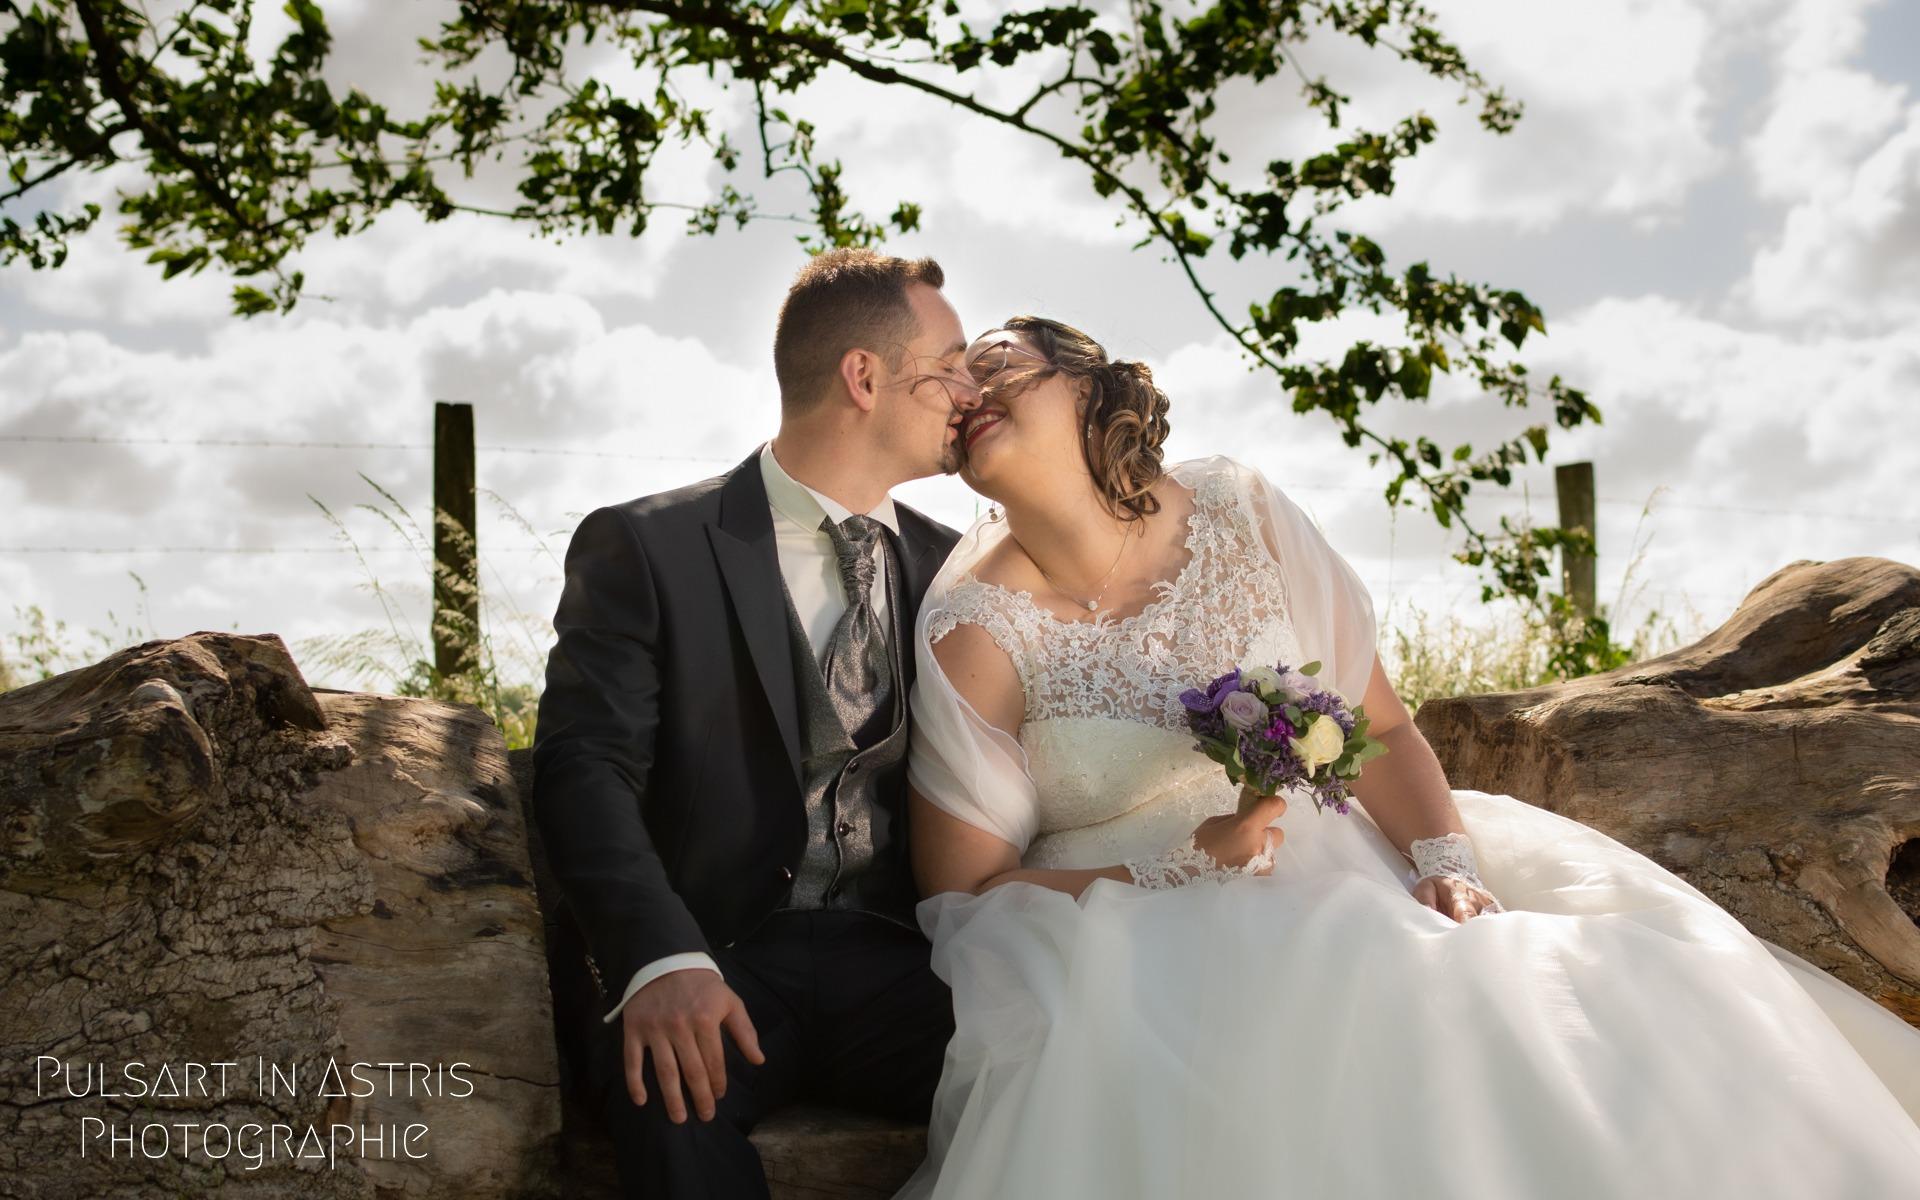 coule de mariés